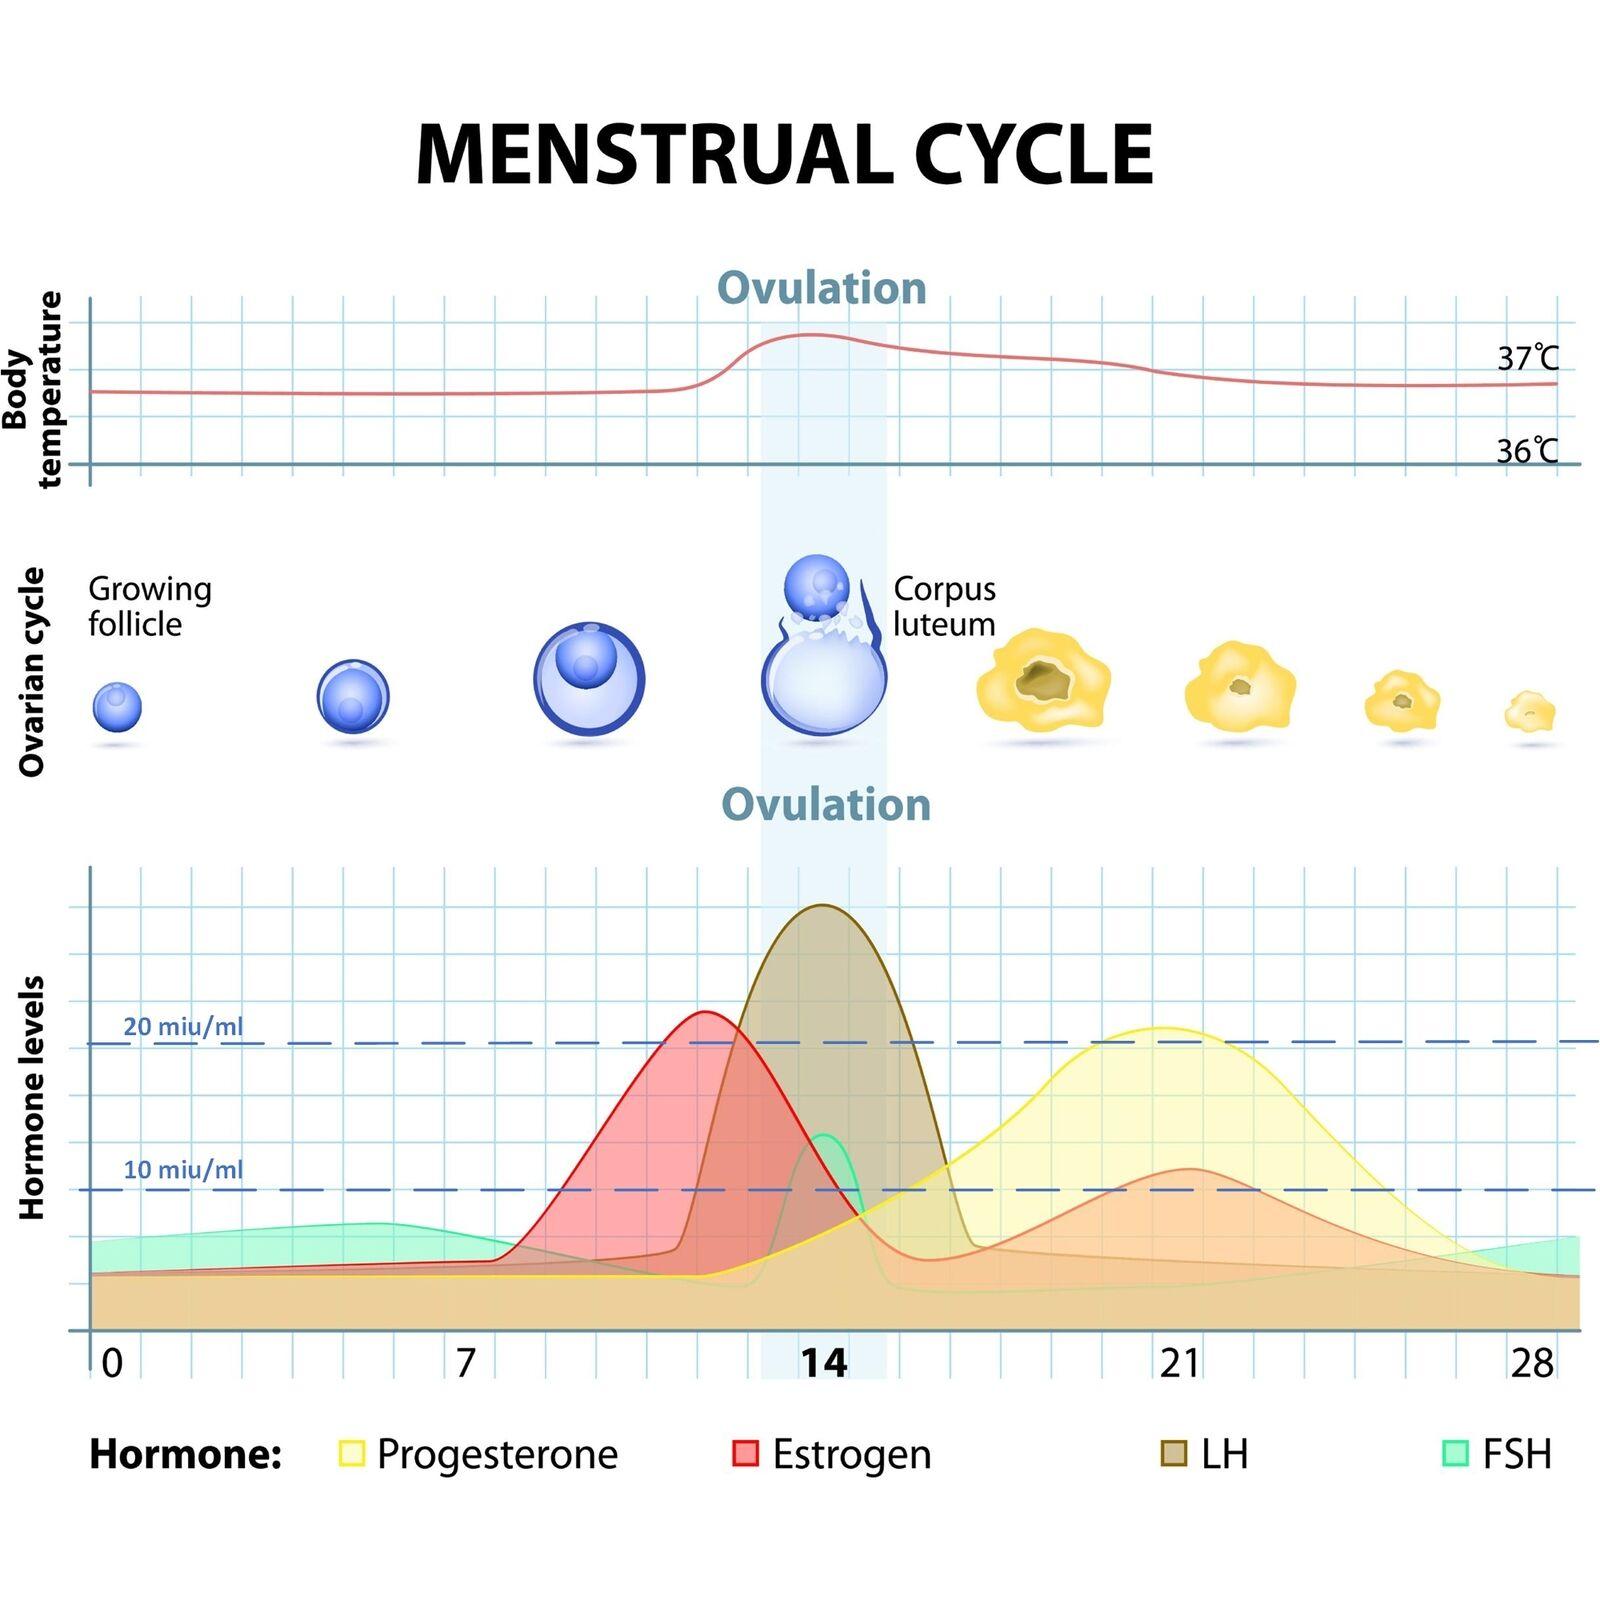 30 David Ovulationstest 10 miuml 5 Schwangerschaftstest - Streifen